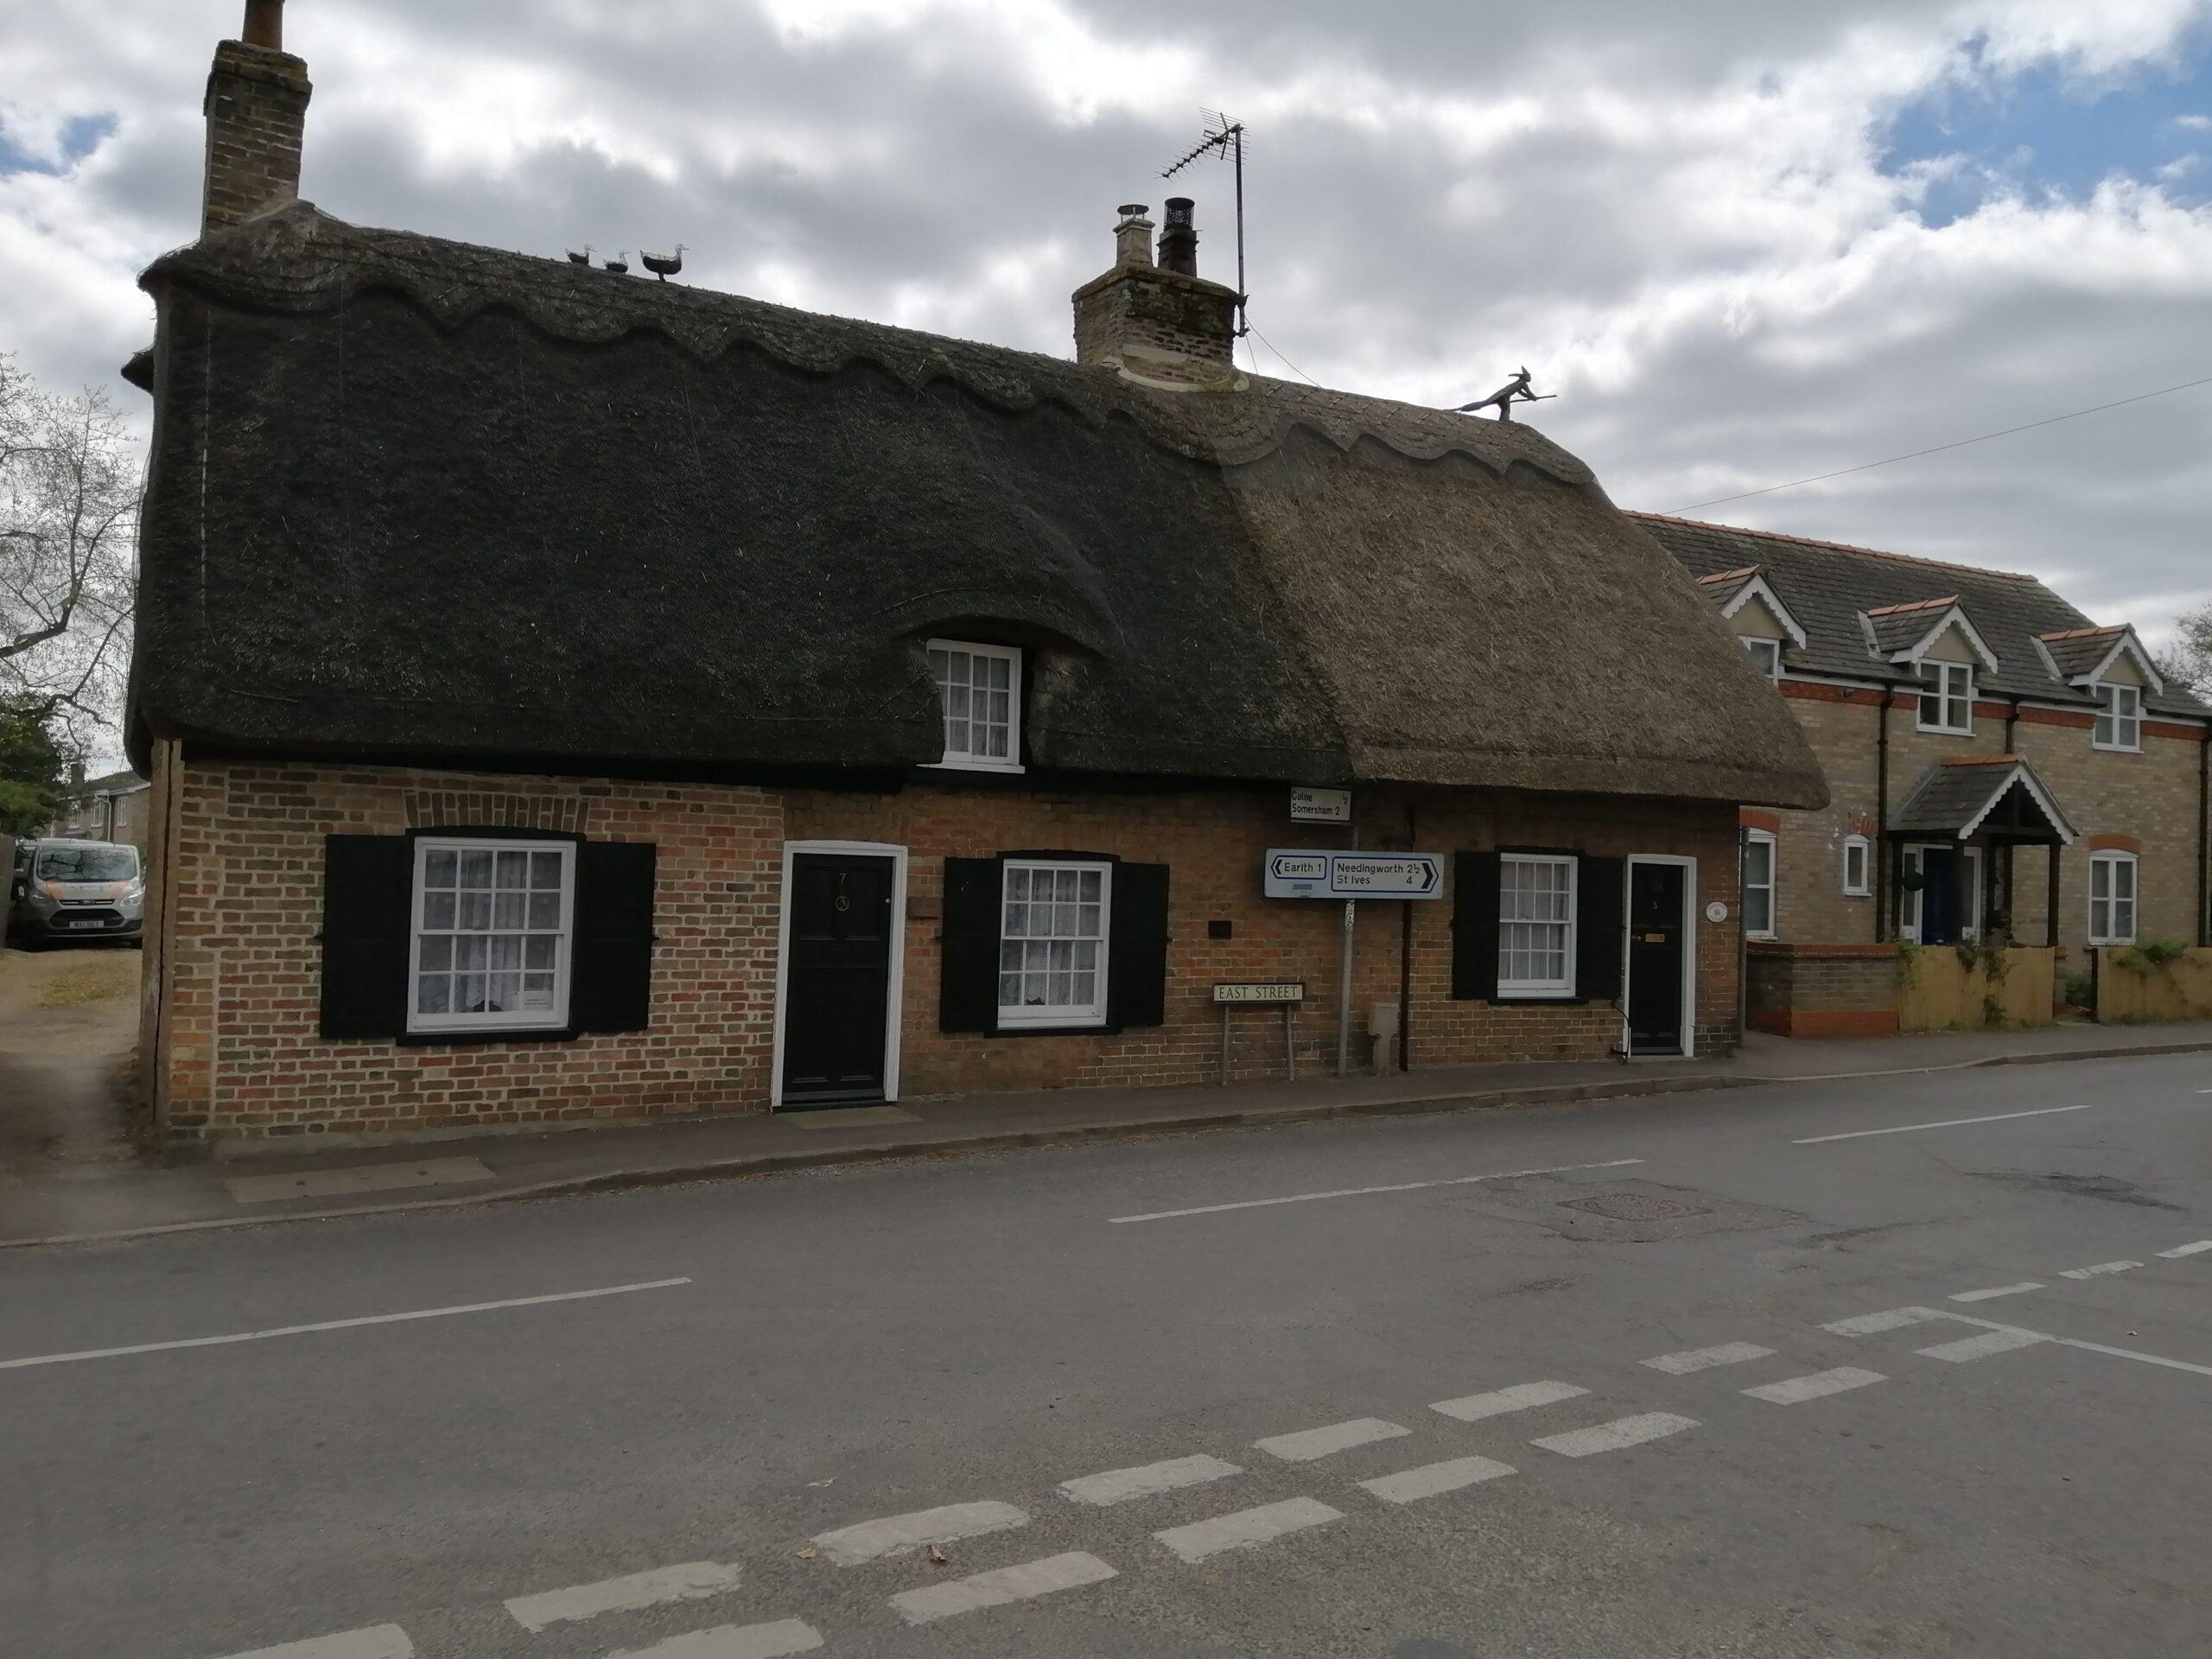 Thatch roof art in Bluntisham